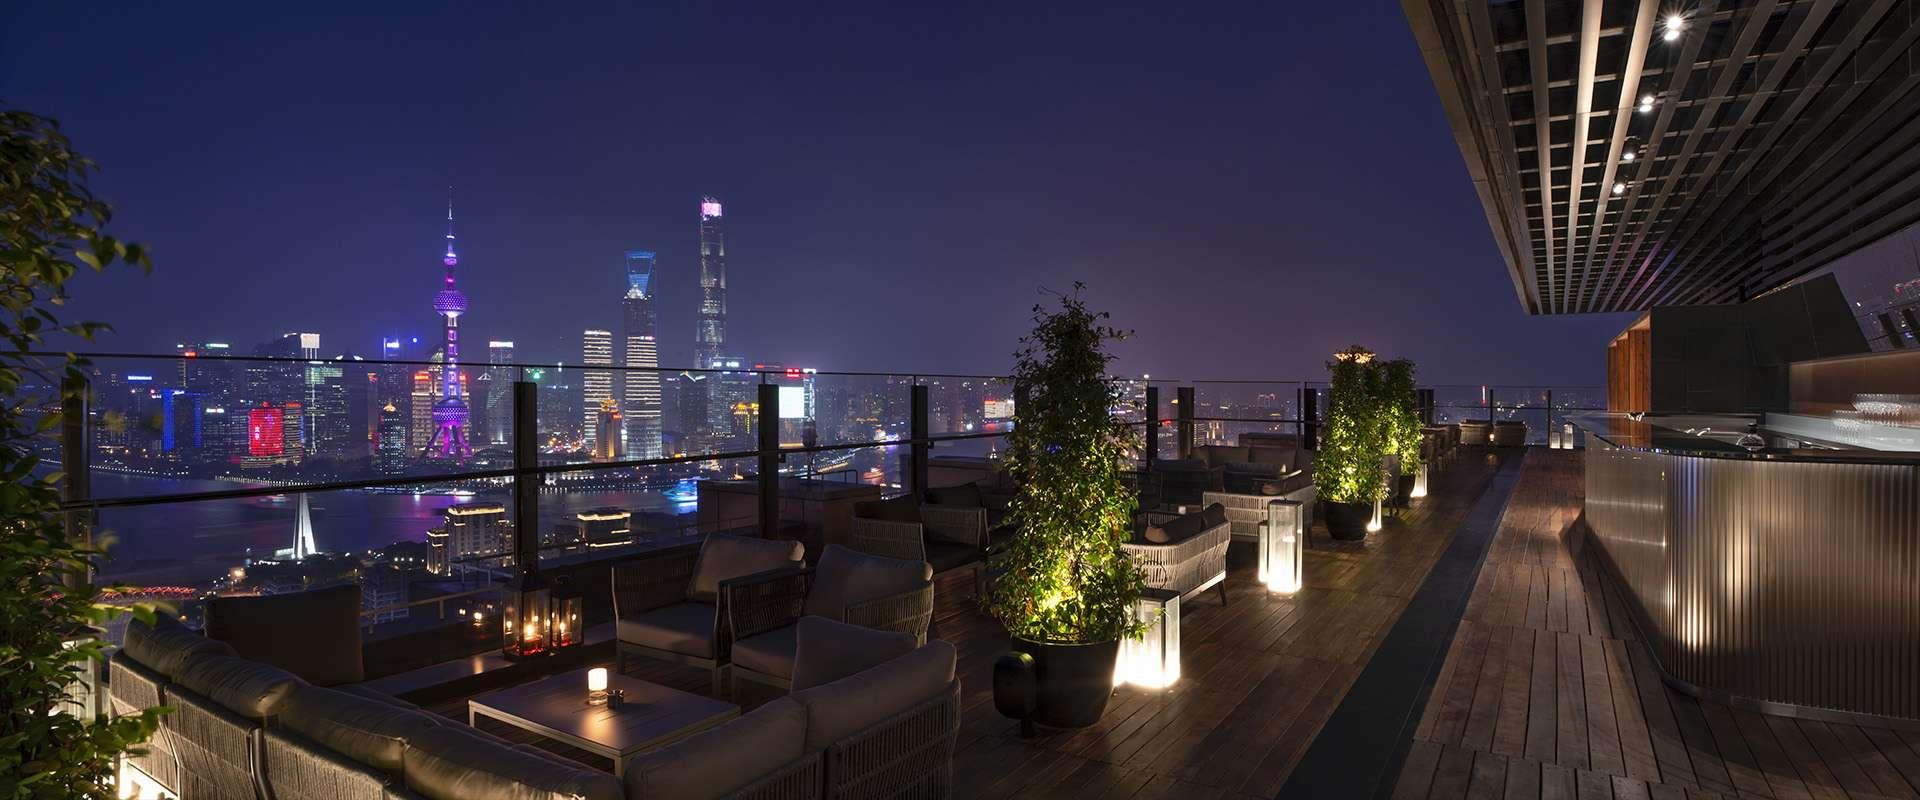 Te damos un vistazo al interior del nuevo hotel de Bvlgari en Shanghái